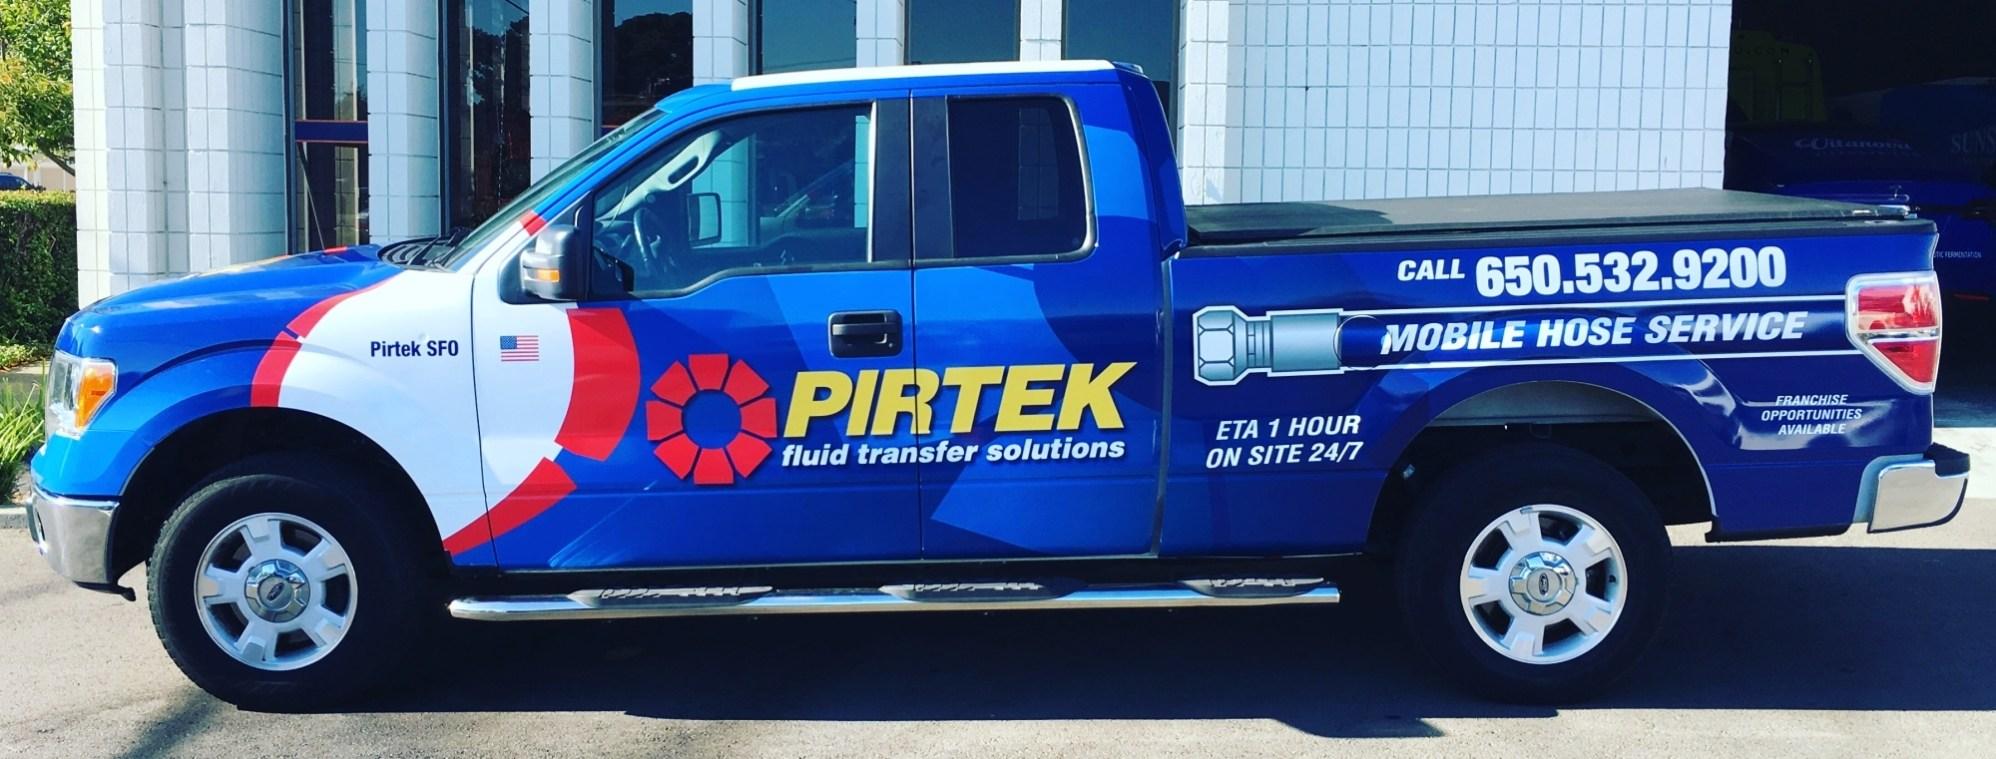 pirtek truck wrap-08